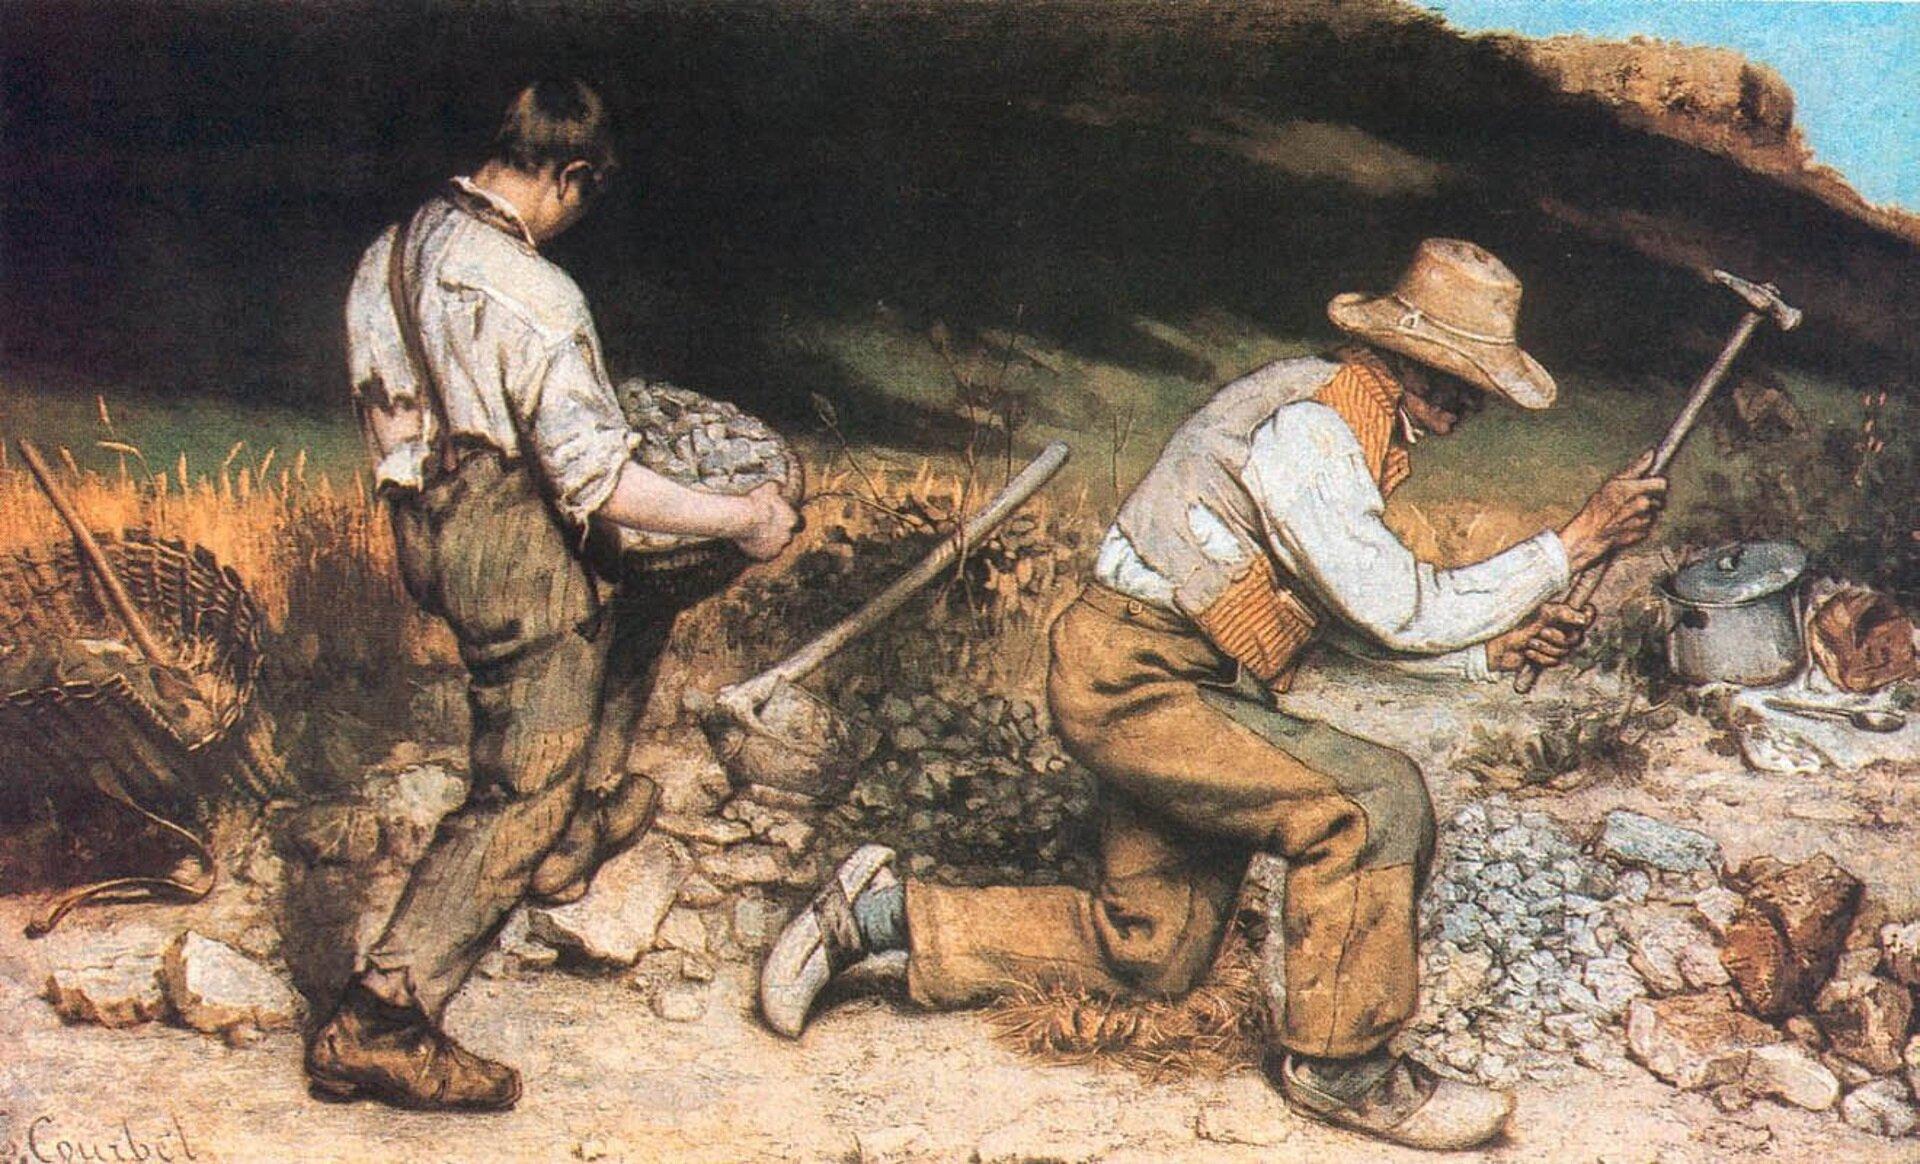 """Ilustracja przedstawia obraz Gustave Courbeta pt. """"Kamieniarze"""". Obraz powstał w1849 roku. Autor dzieła zajmował się przede wszystkim malarstwem rodzajowym, portretowym, pejzażowym oraz martwą naturą. Na obrazie zostało przedstawionych dwóch mężczyzn - kamieniarzy. Jeden znich trzyma kosz zkamieniami. Drugi zmężczyzn rozbija kamienie na mniejsze części. Wtle możemy dostrzec wzgórza."""